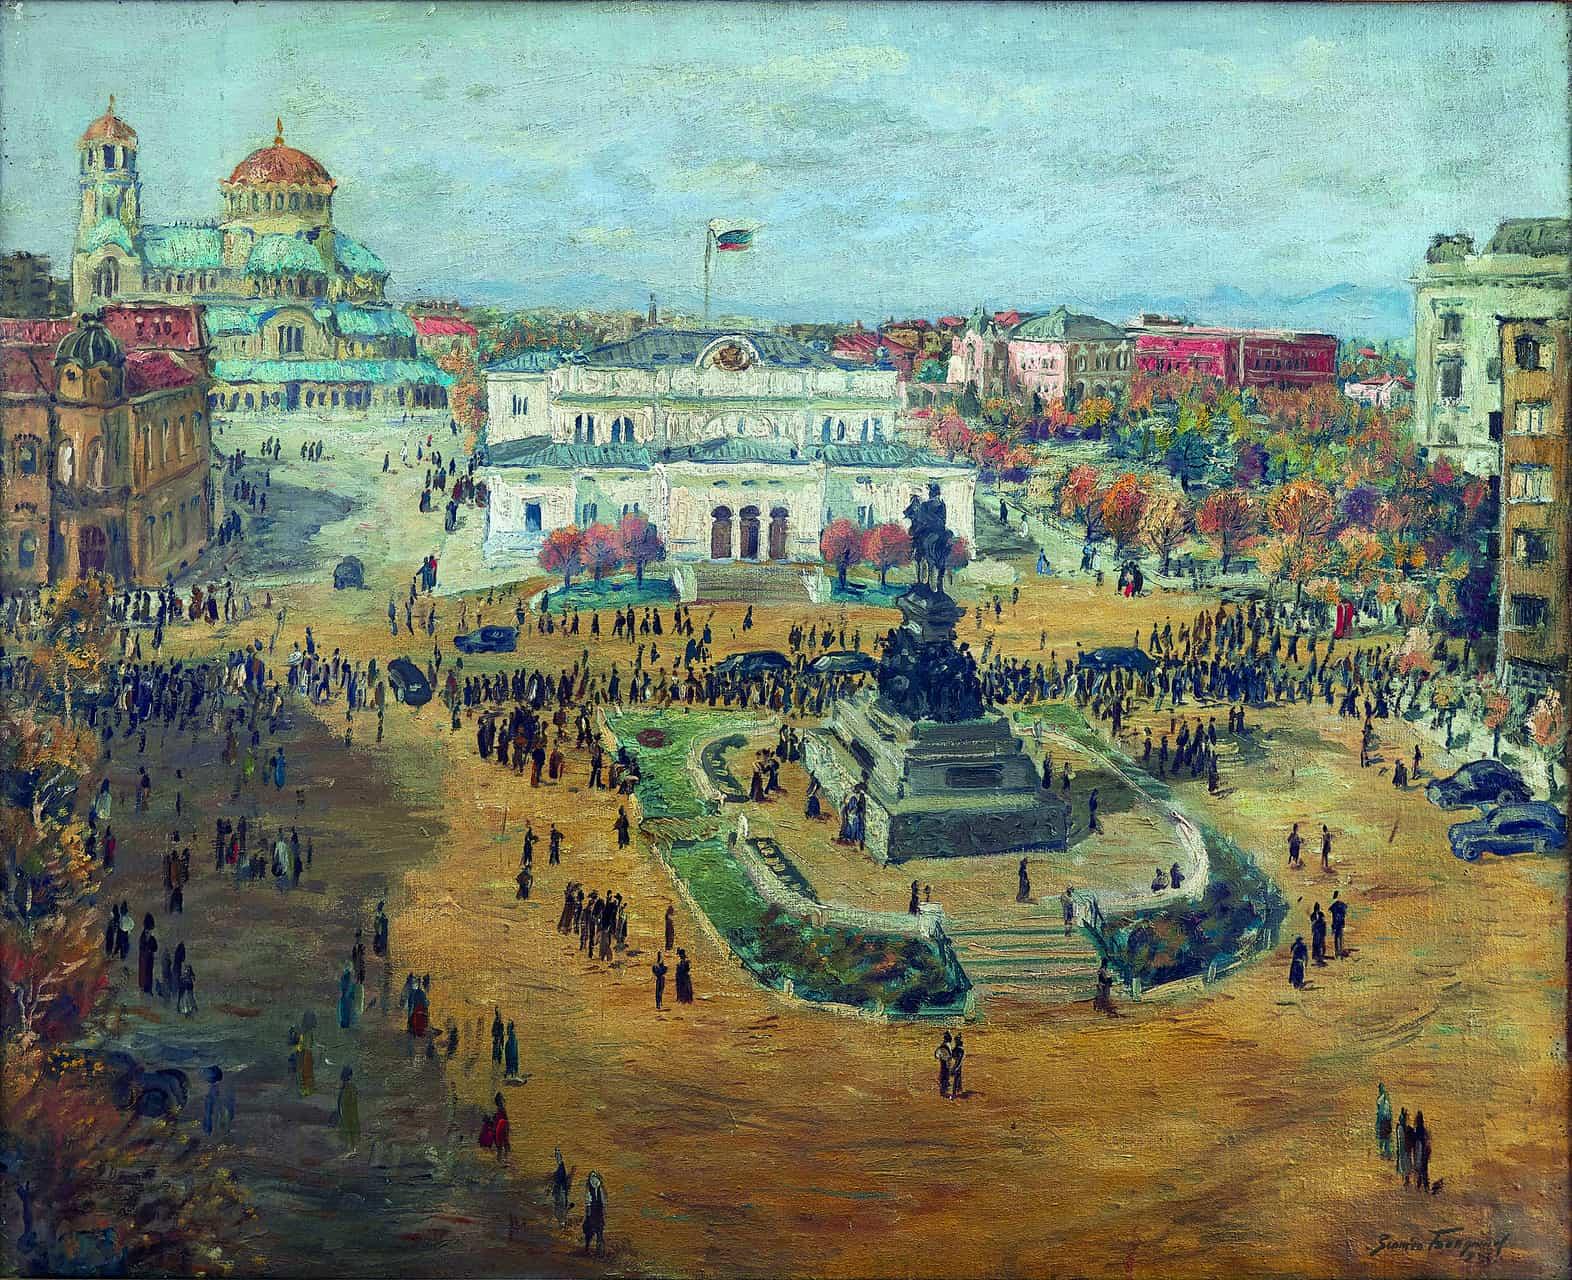 ZLATYU_BOYADZHIEV